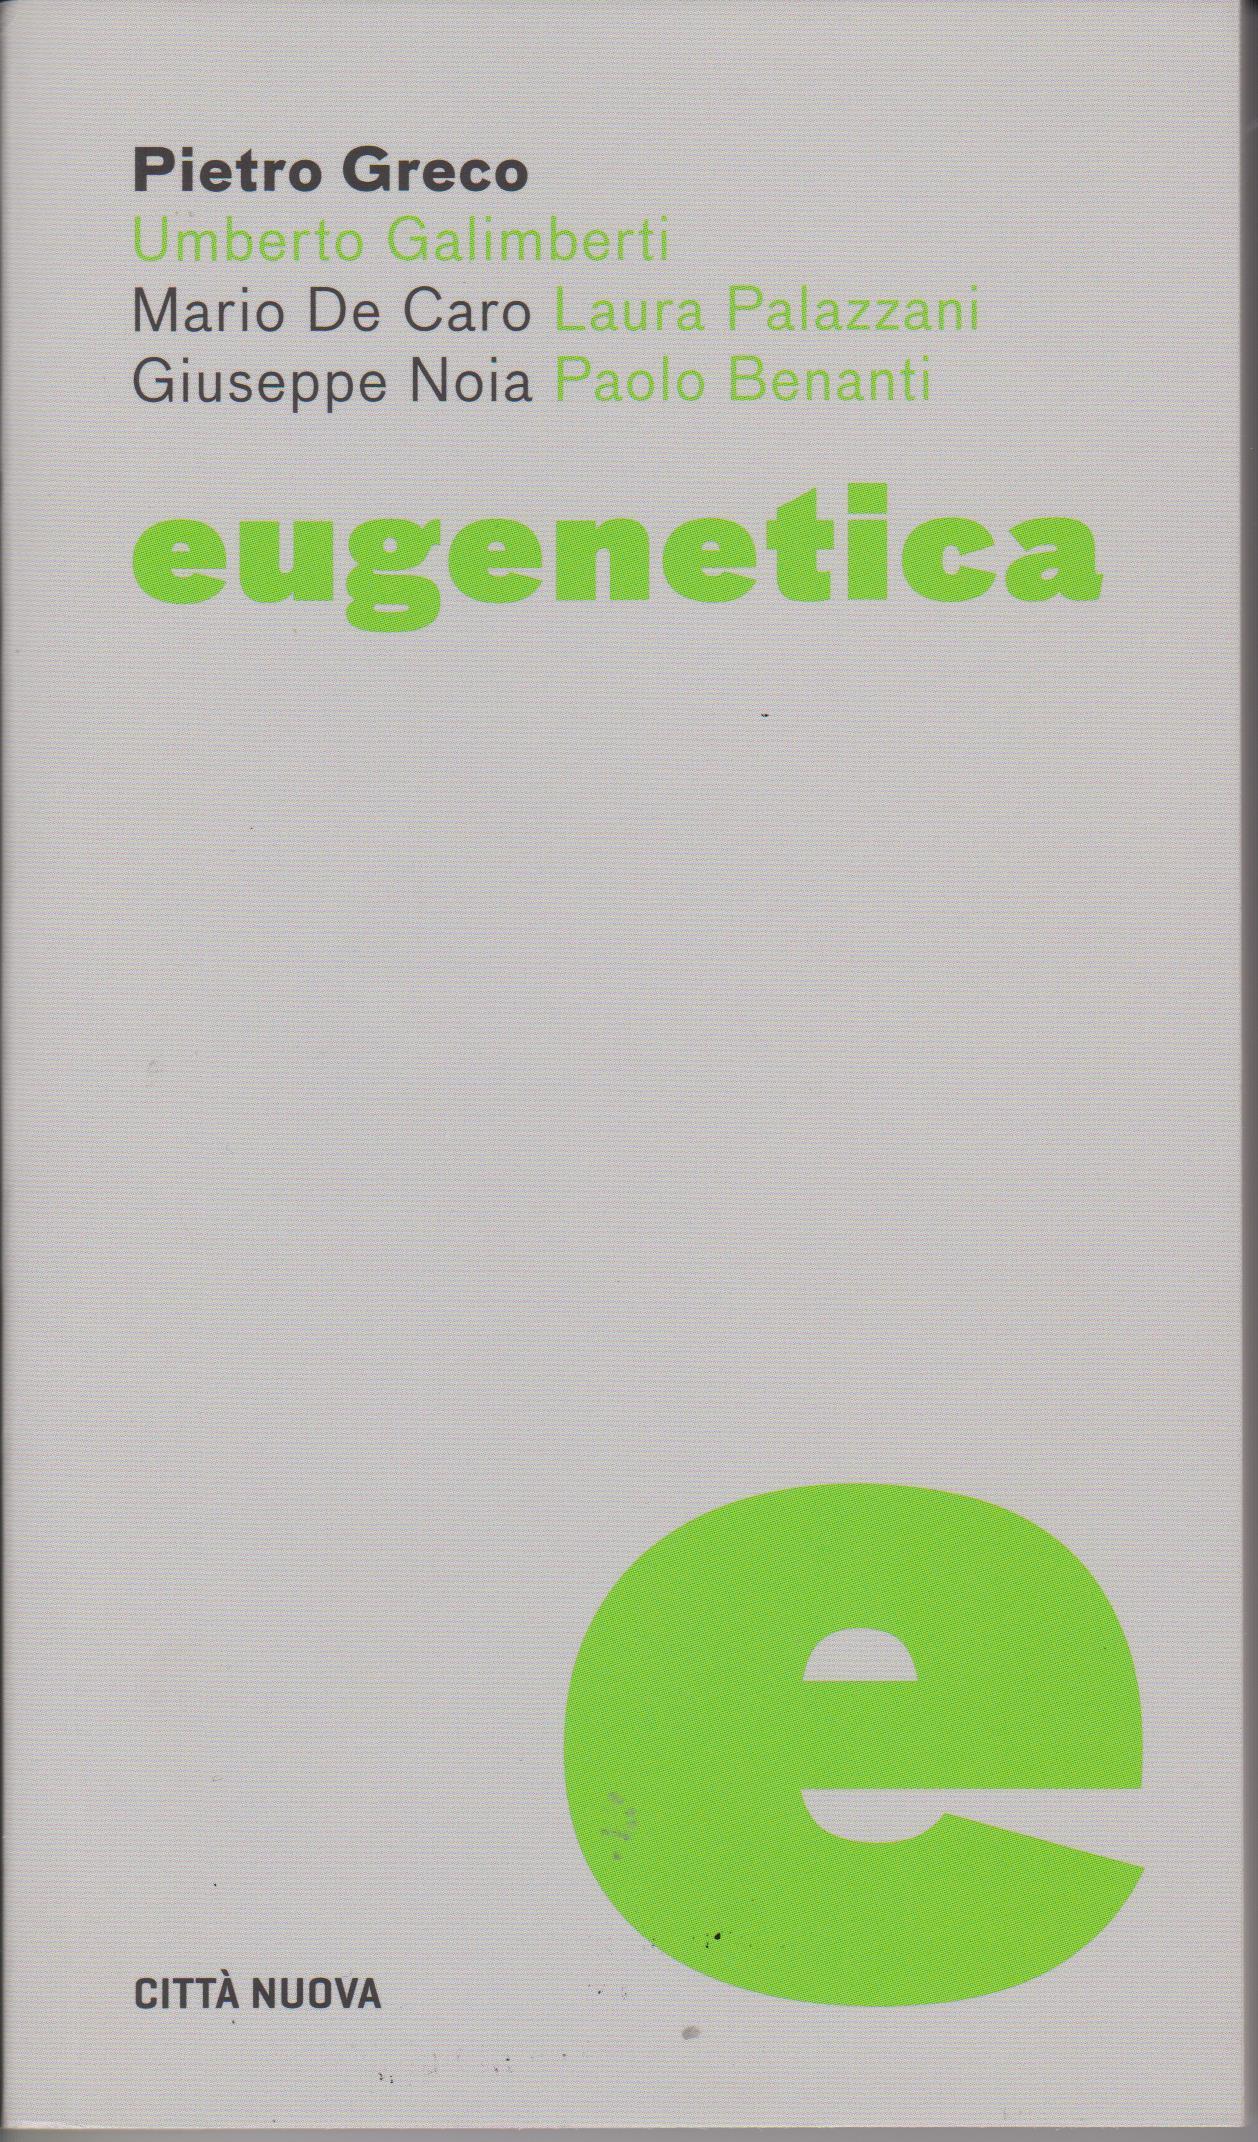 Eugenetica 001